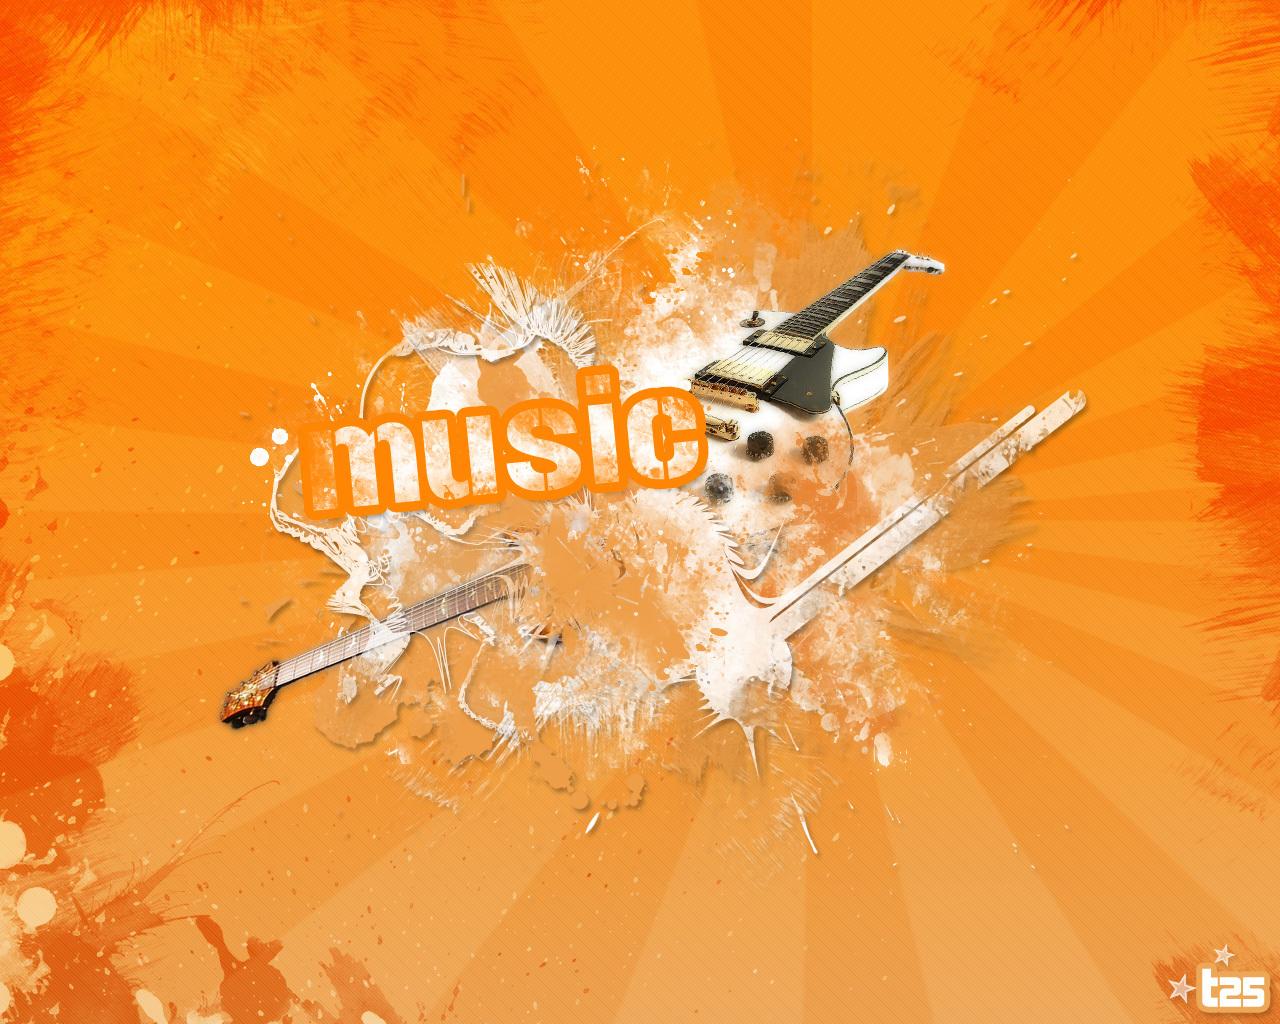 Music-music-7336126-1280-1024.jpg